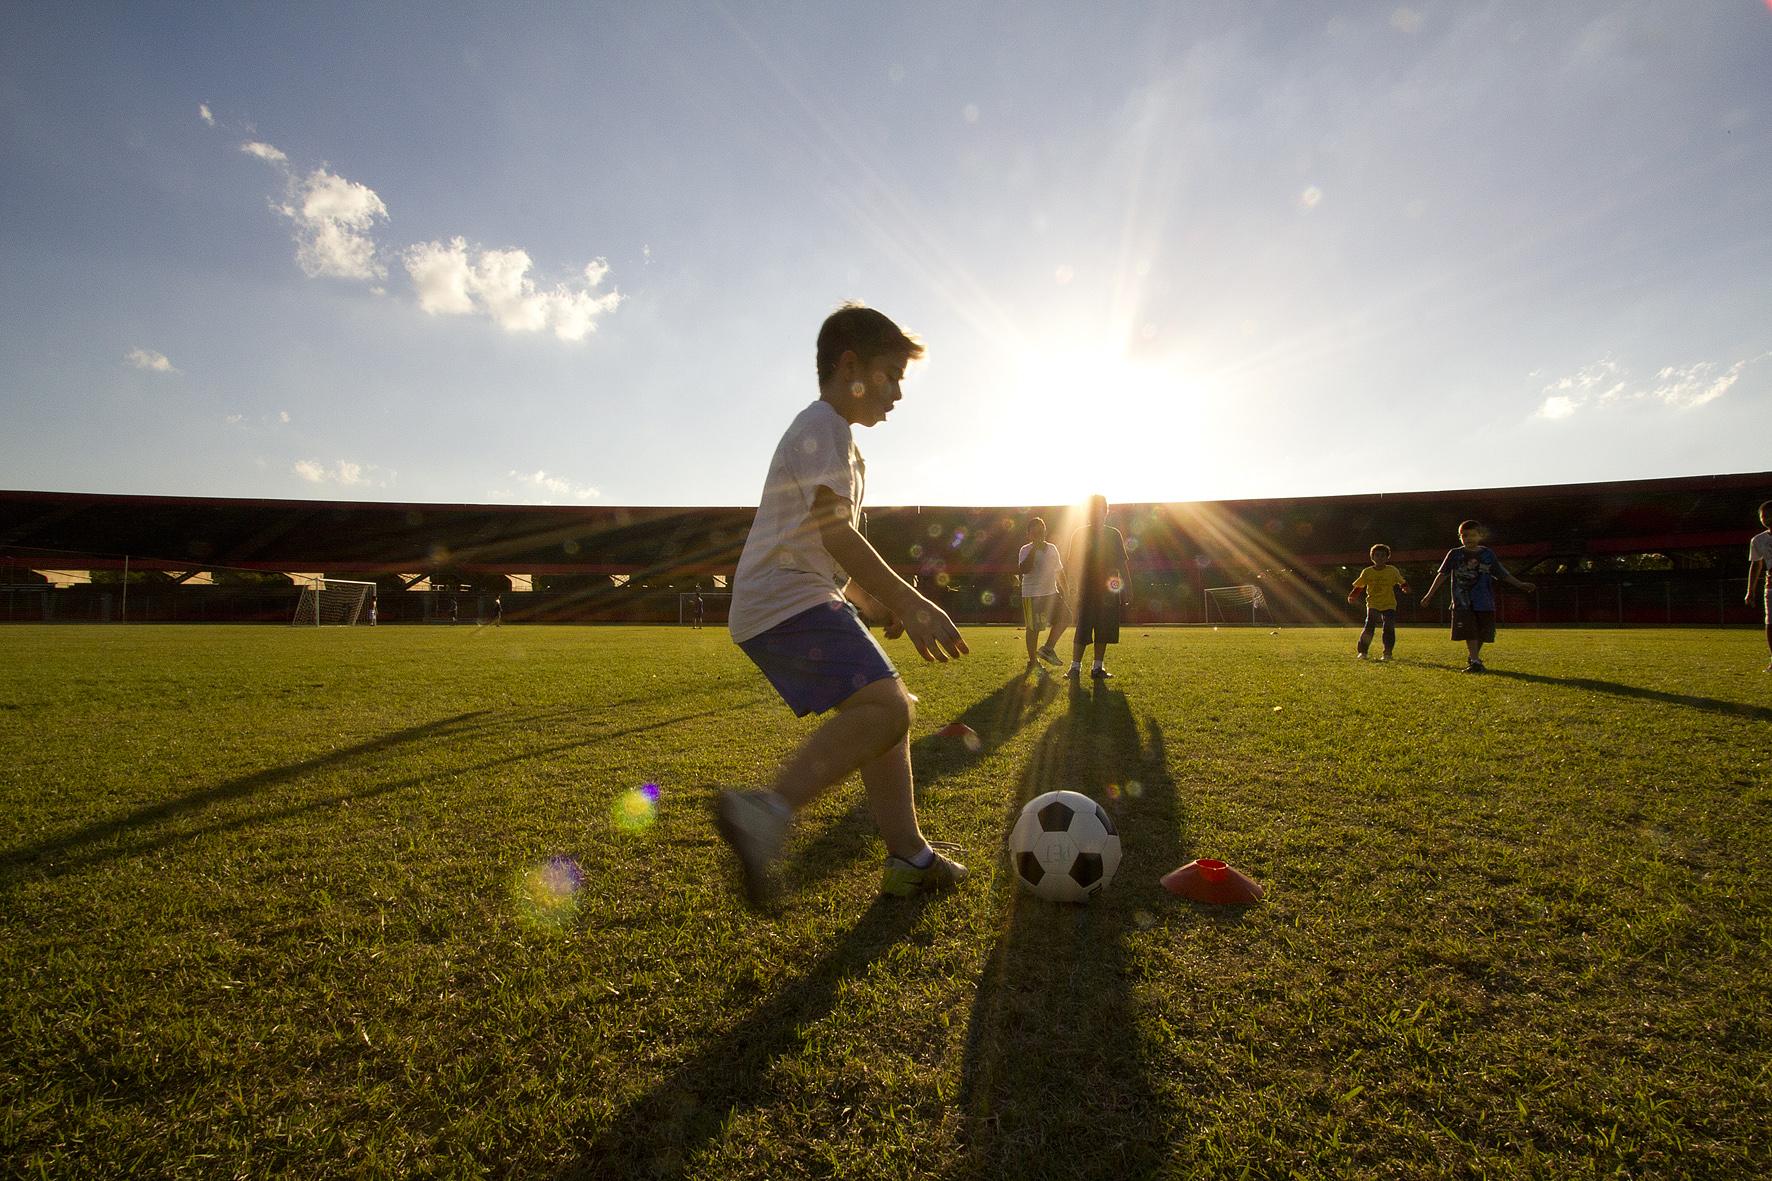 Praticar esportes desde a infância reduz consumo de álcool na fase adulta